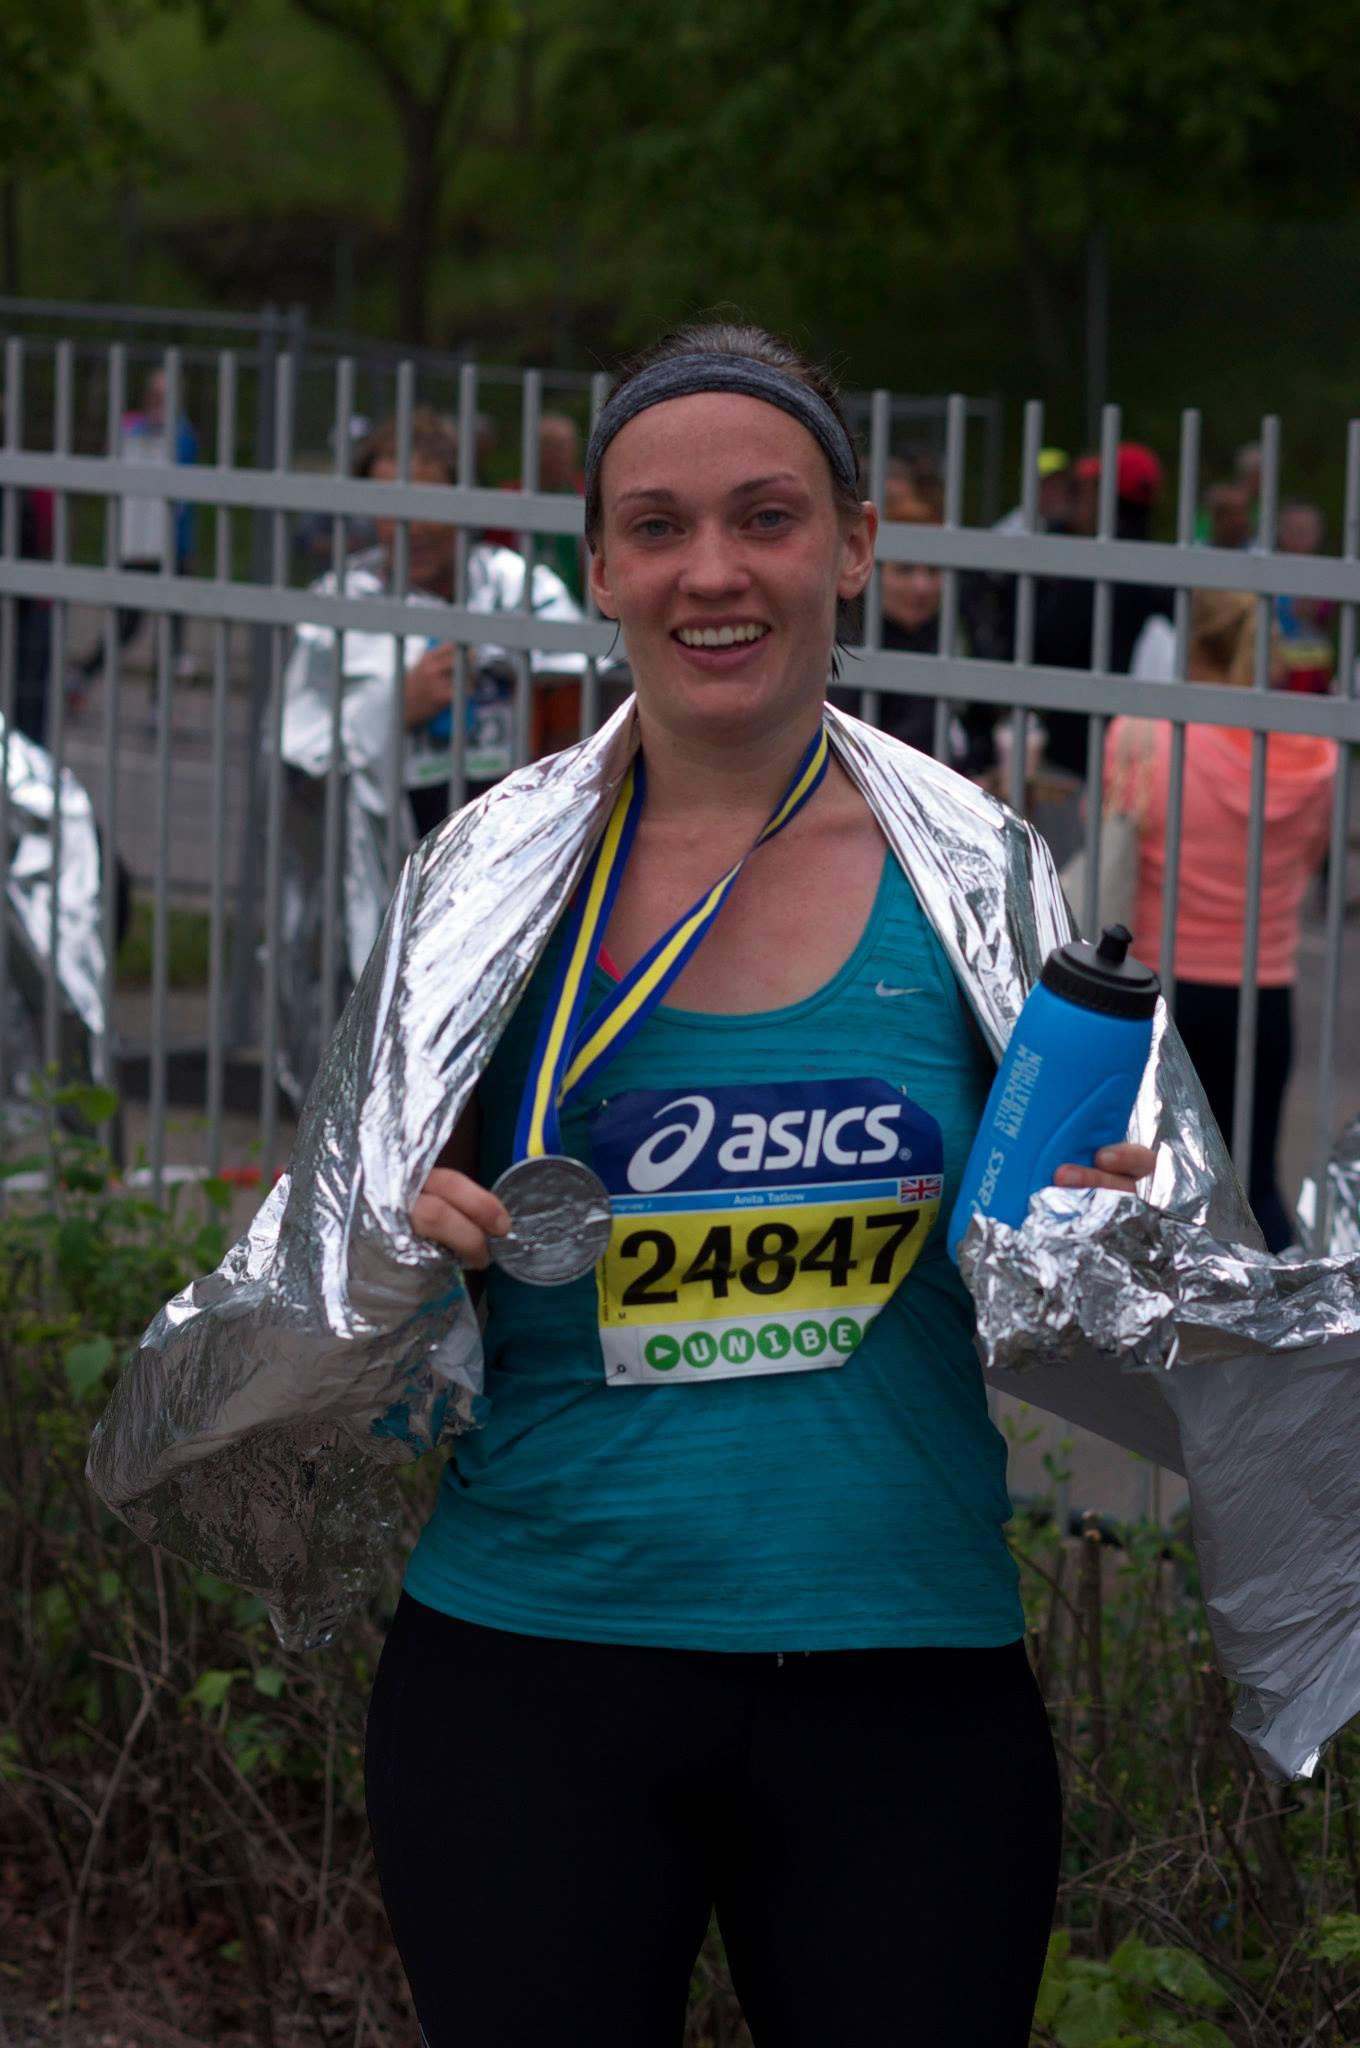 Anita running the marathon 3